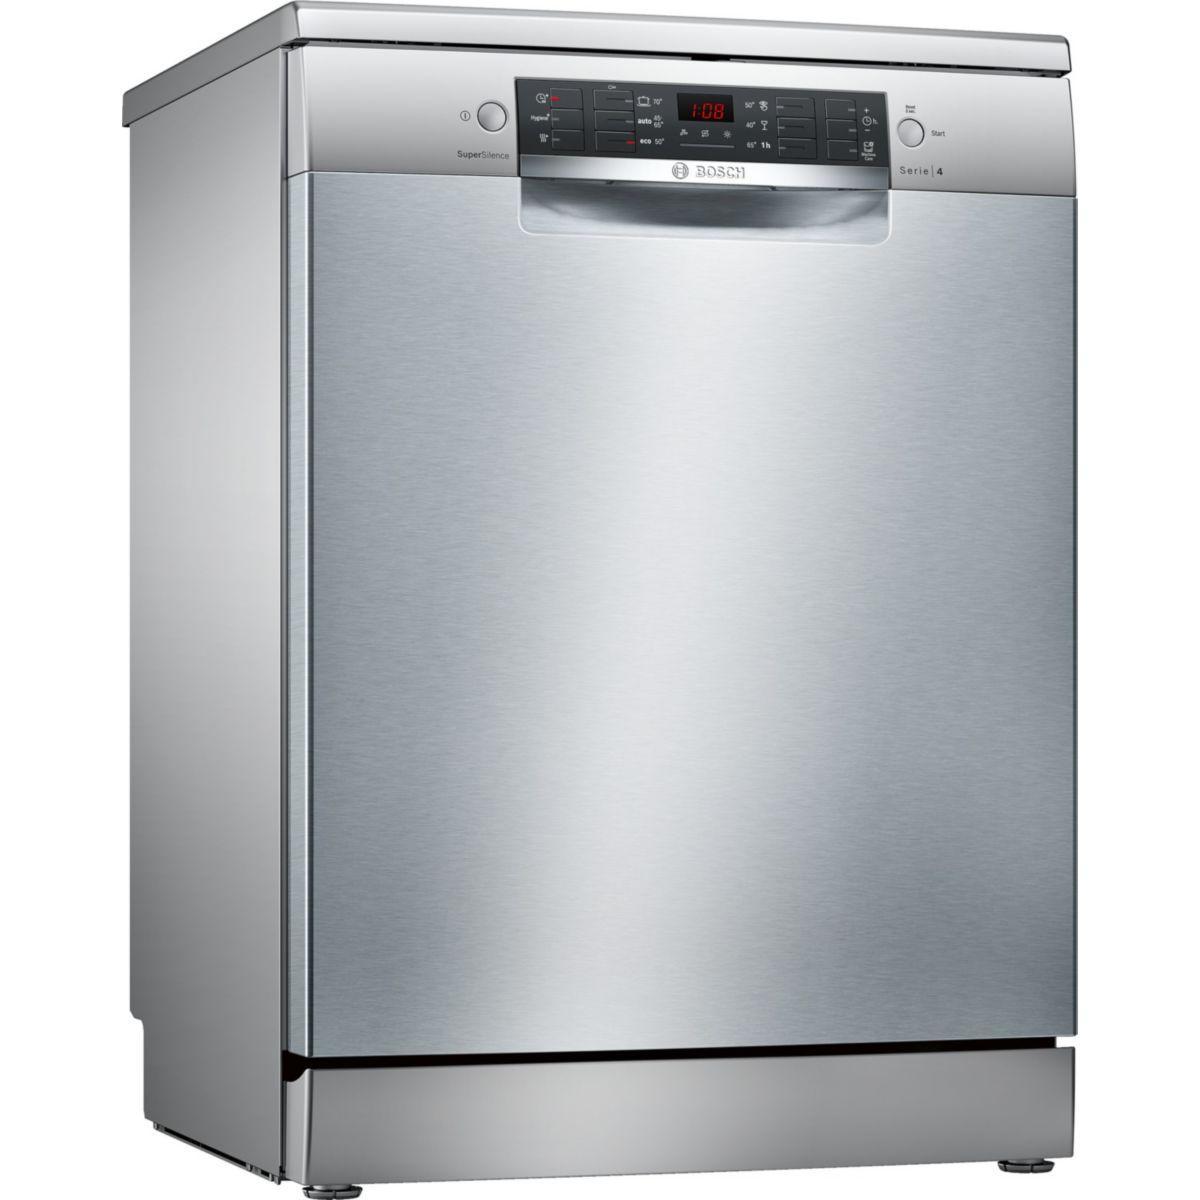 Lave-vaisselle 60cm bosch sms46ii03e - 2% de remise immédiate avec le code : cool2 (photo)